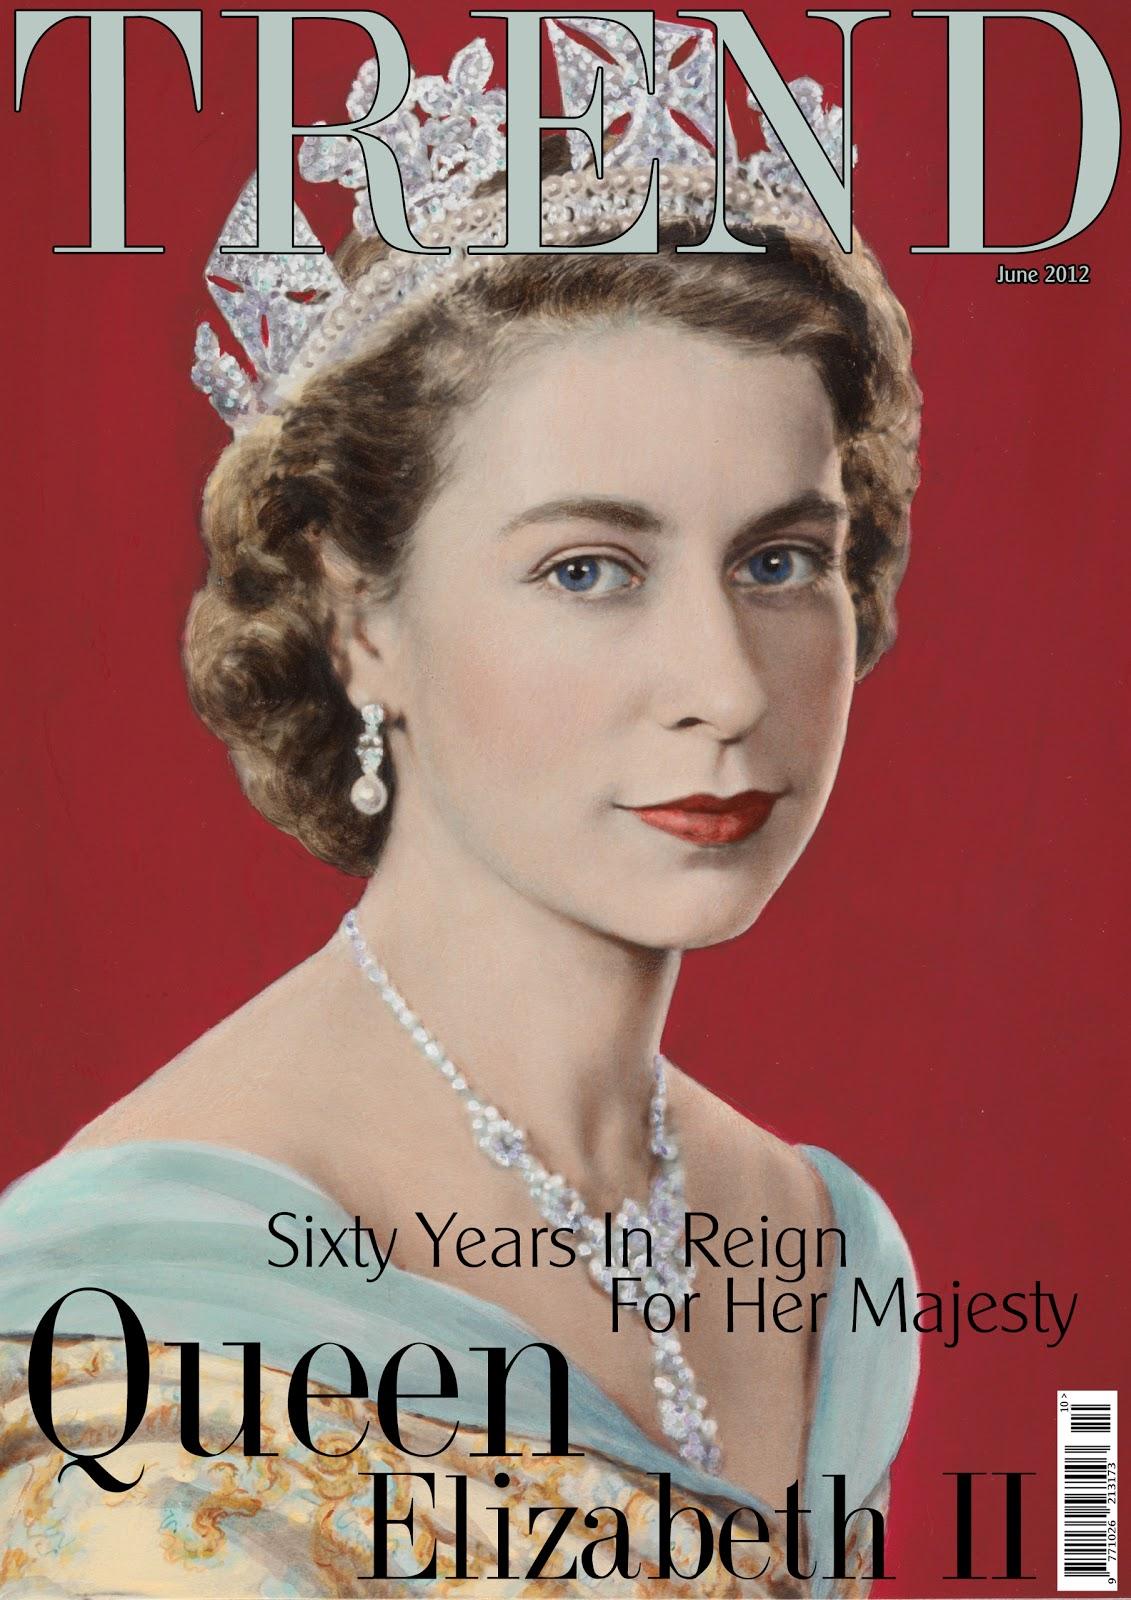 TREND: June 2012: Cover Story: Her Majesty Queen Elizabeth II